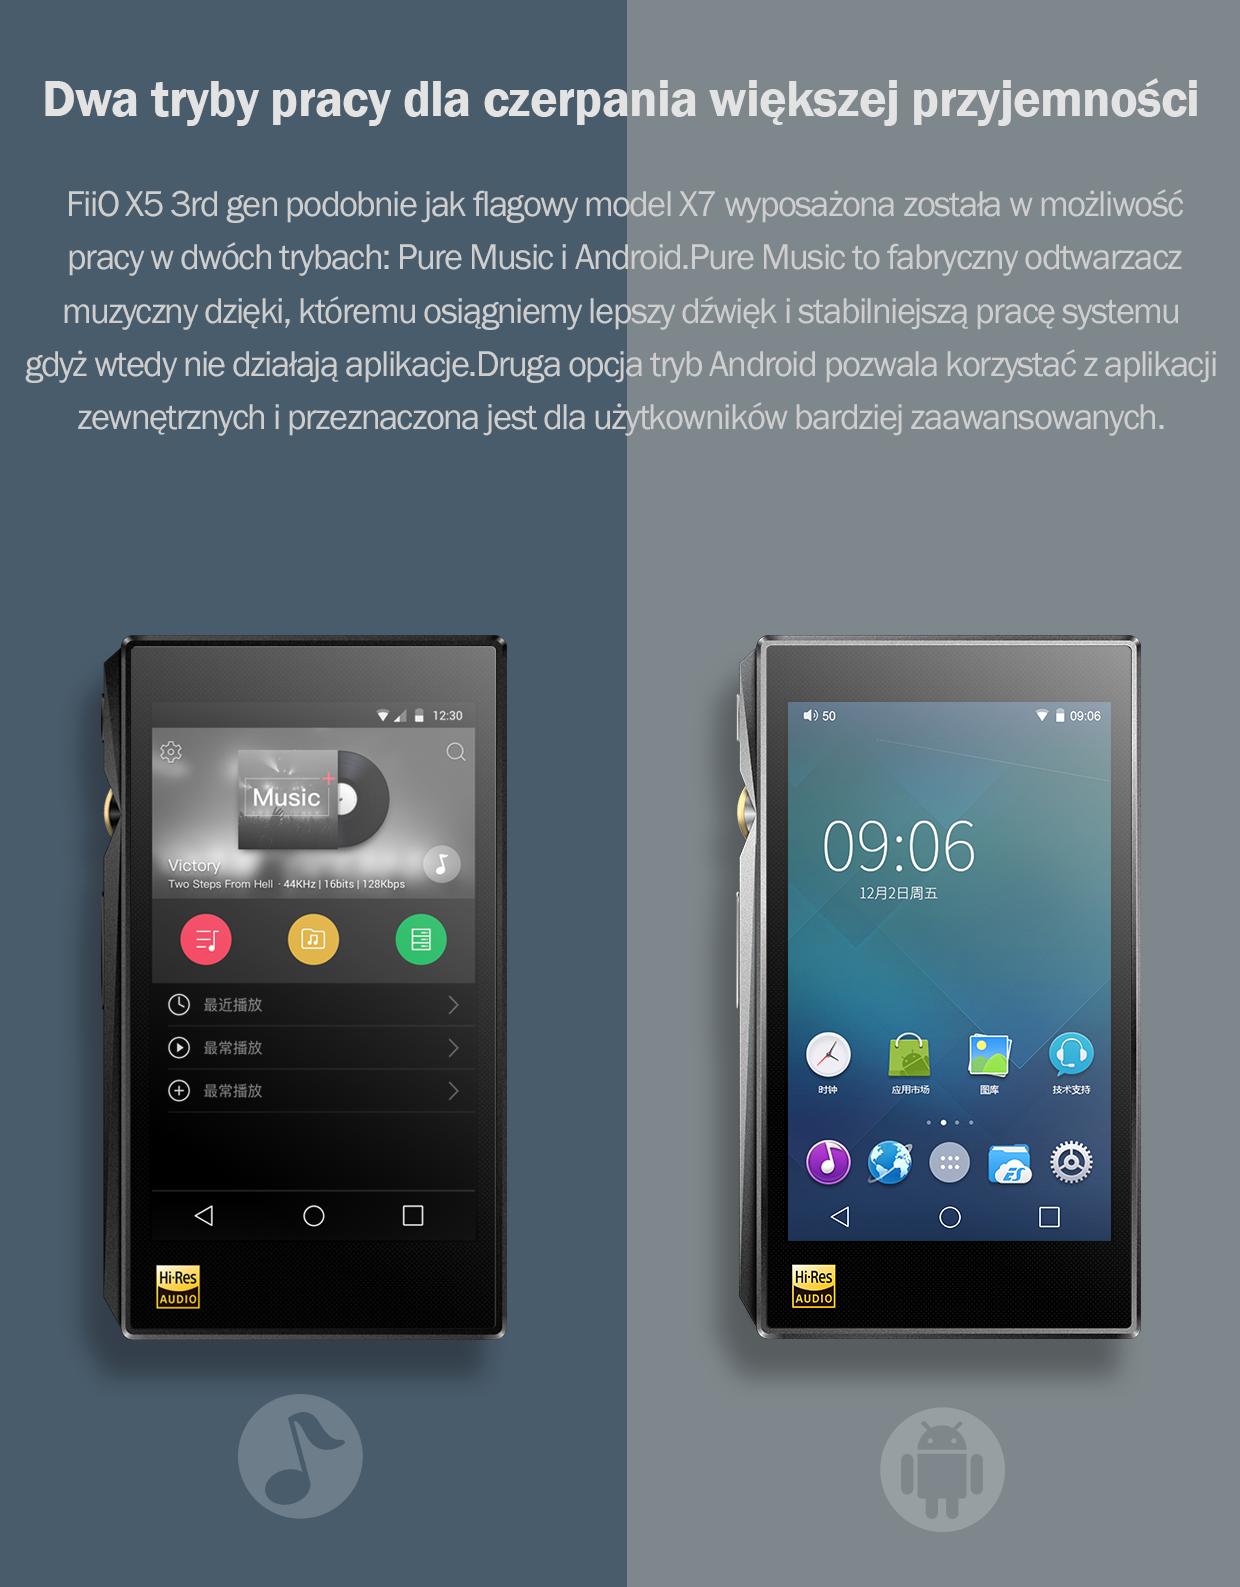 FiiO X5 3rd gen podobnie jak flagowy model X7 wyposażona została w możliwość pracy w dwóch trybach: Pure Music i Android. Pure Music to fabryczny odtwarzacz muzyczny dzięki, któremu osiągniemy lepszy dźwięk i stabilniejszą pracę systemu gdyż wtedy nie działają aplikacje. Druga opcja tryb Android pozwala korzystać z aplikacji zewnętrznych i przeznaczona jest dla użytkowników bardziej zaawansowanych.